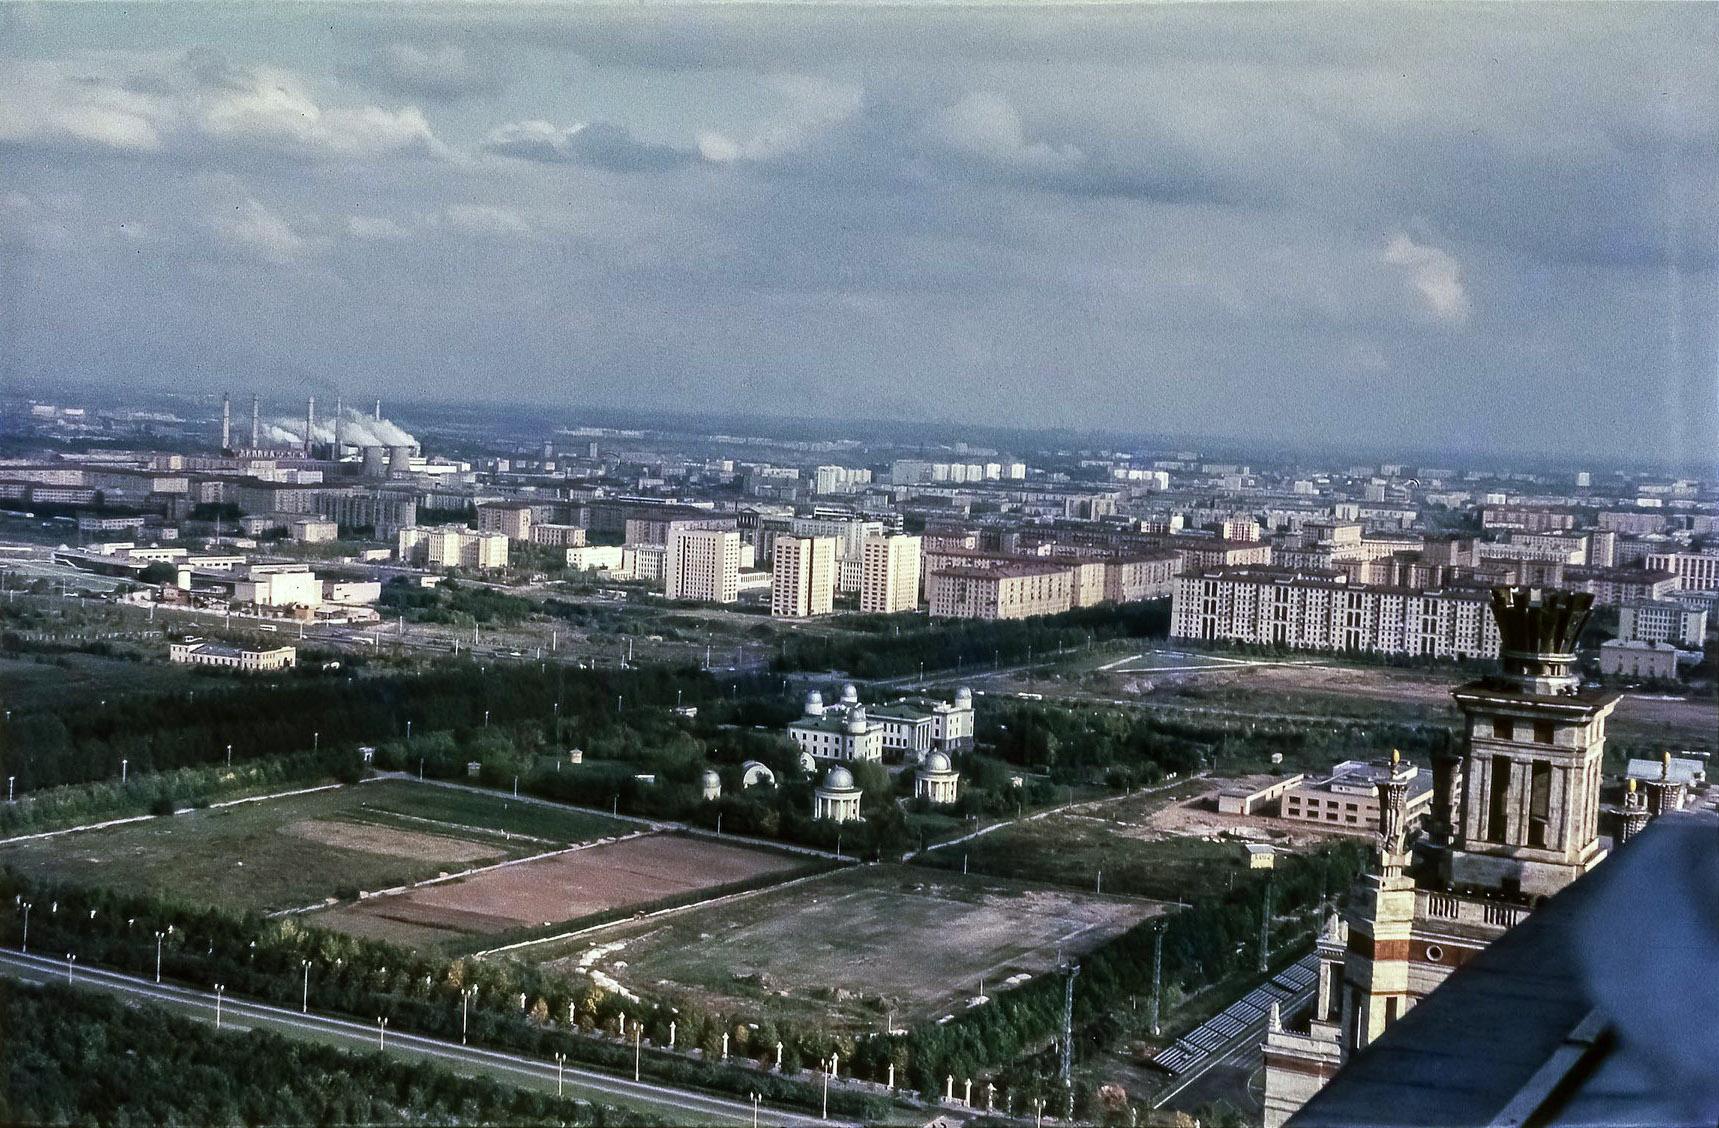 МГУ. Вид на восток с Главного здания МГУ